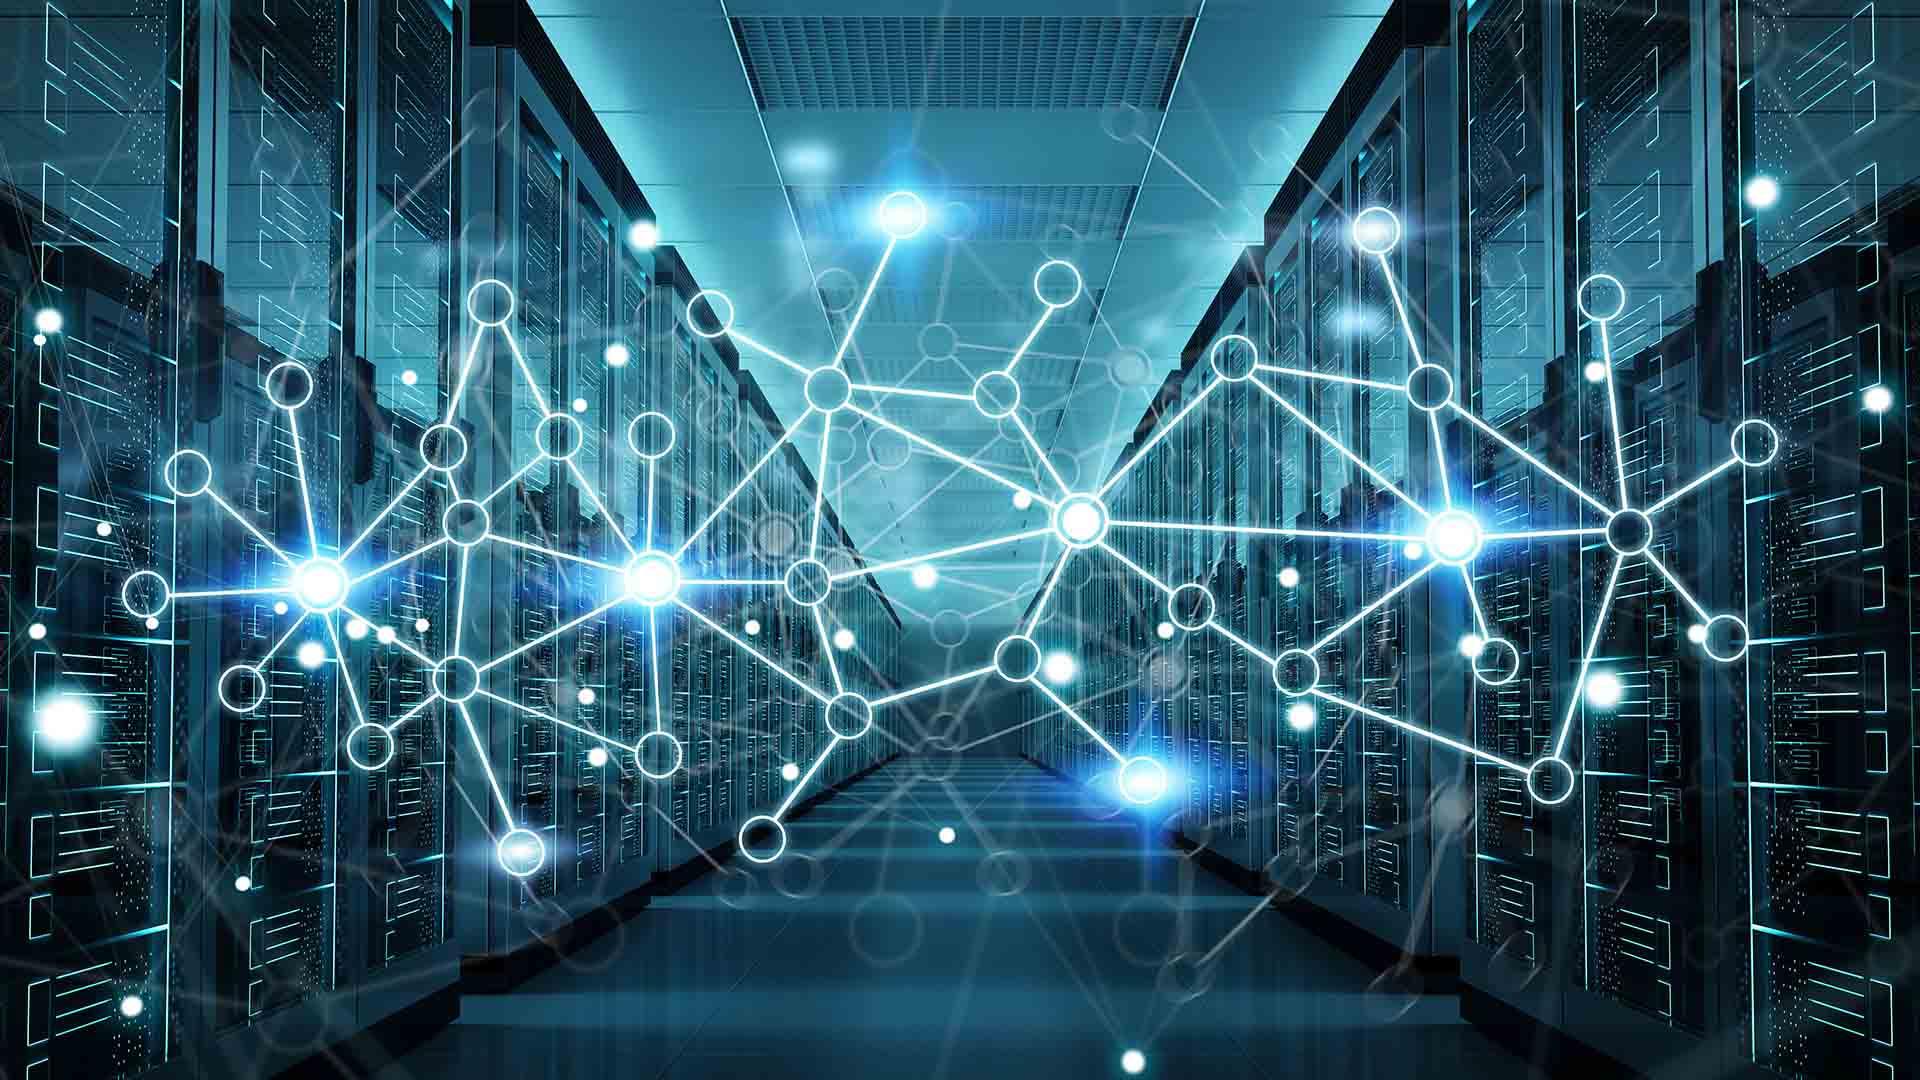 Webinar: Network Security: come progettare reti sicure e resilienti